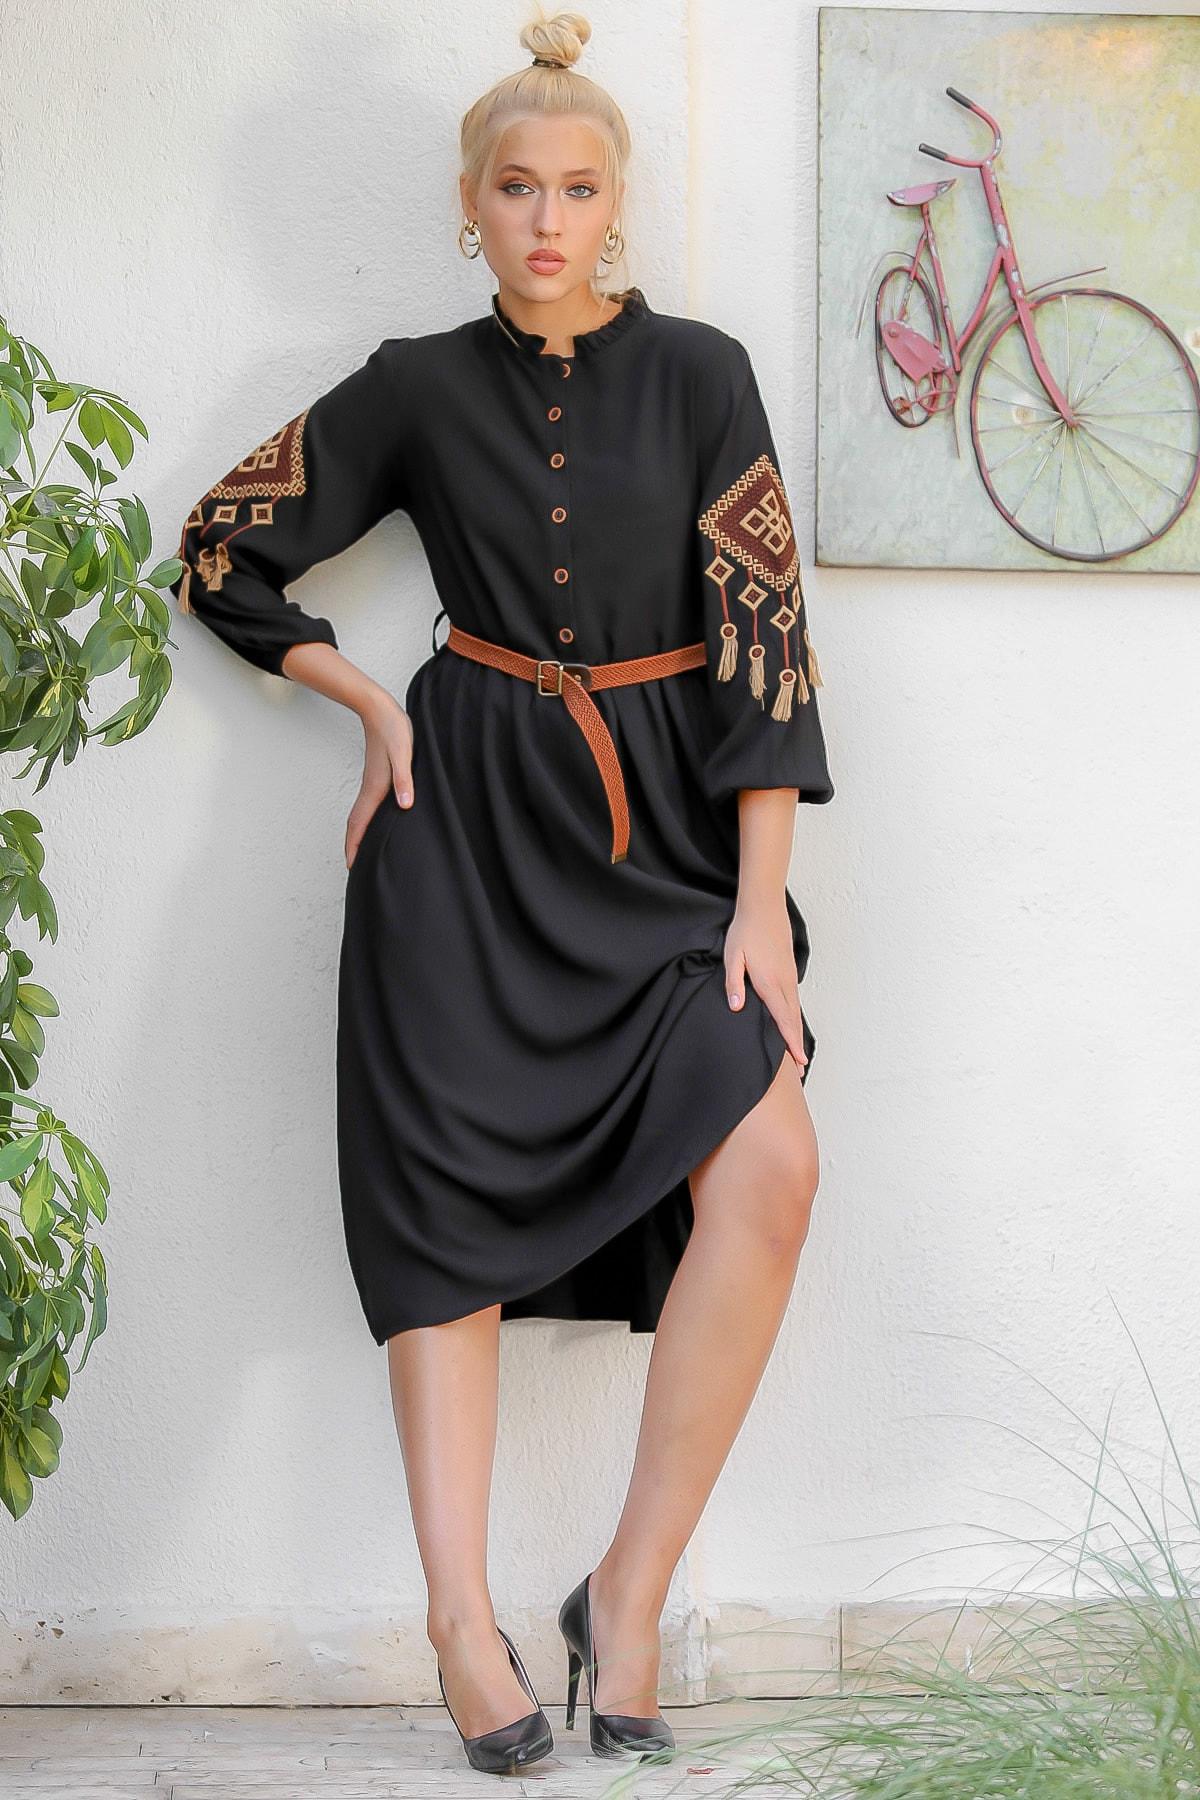 Chiccy Kadın Siyah Dik Fırfırlı Yaka Patı Düğmeli Kolları Tribal Nakışlı Dokuma Elbise M10160000EL94173